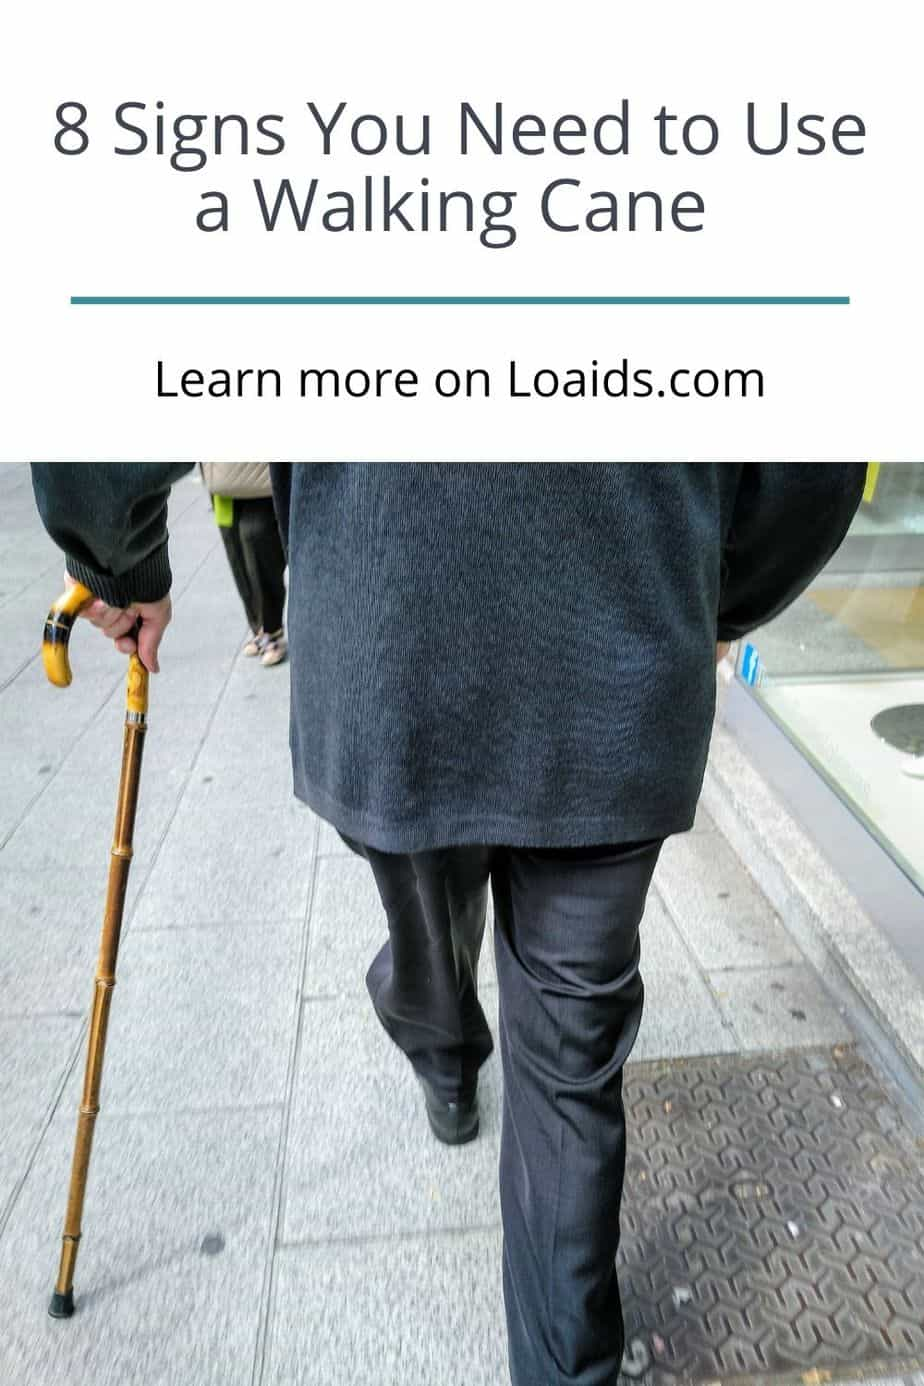 senior walking while using his cane